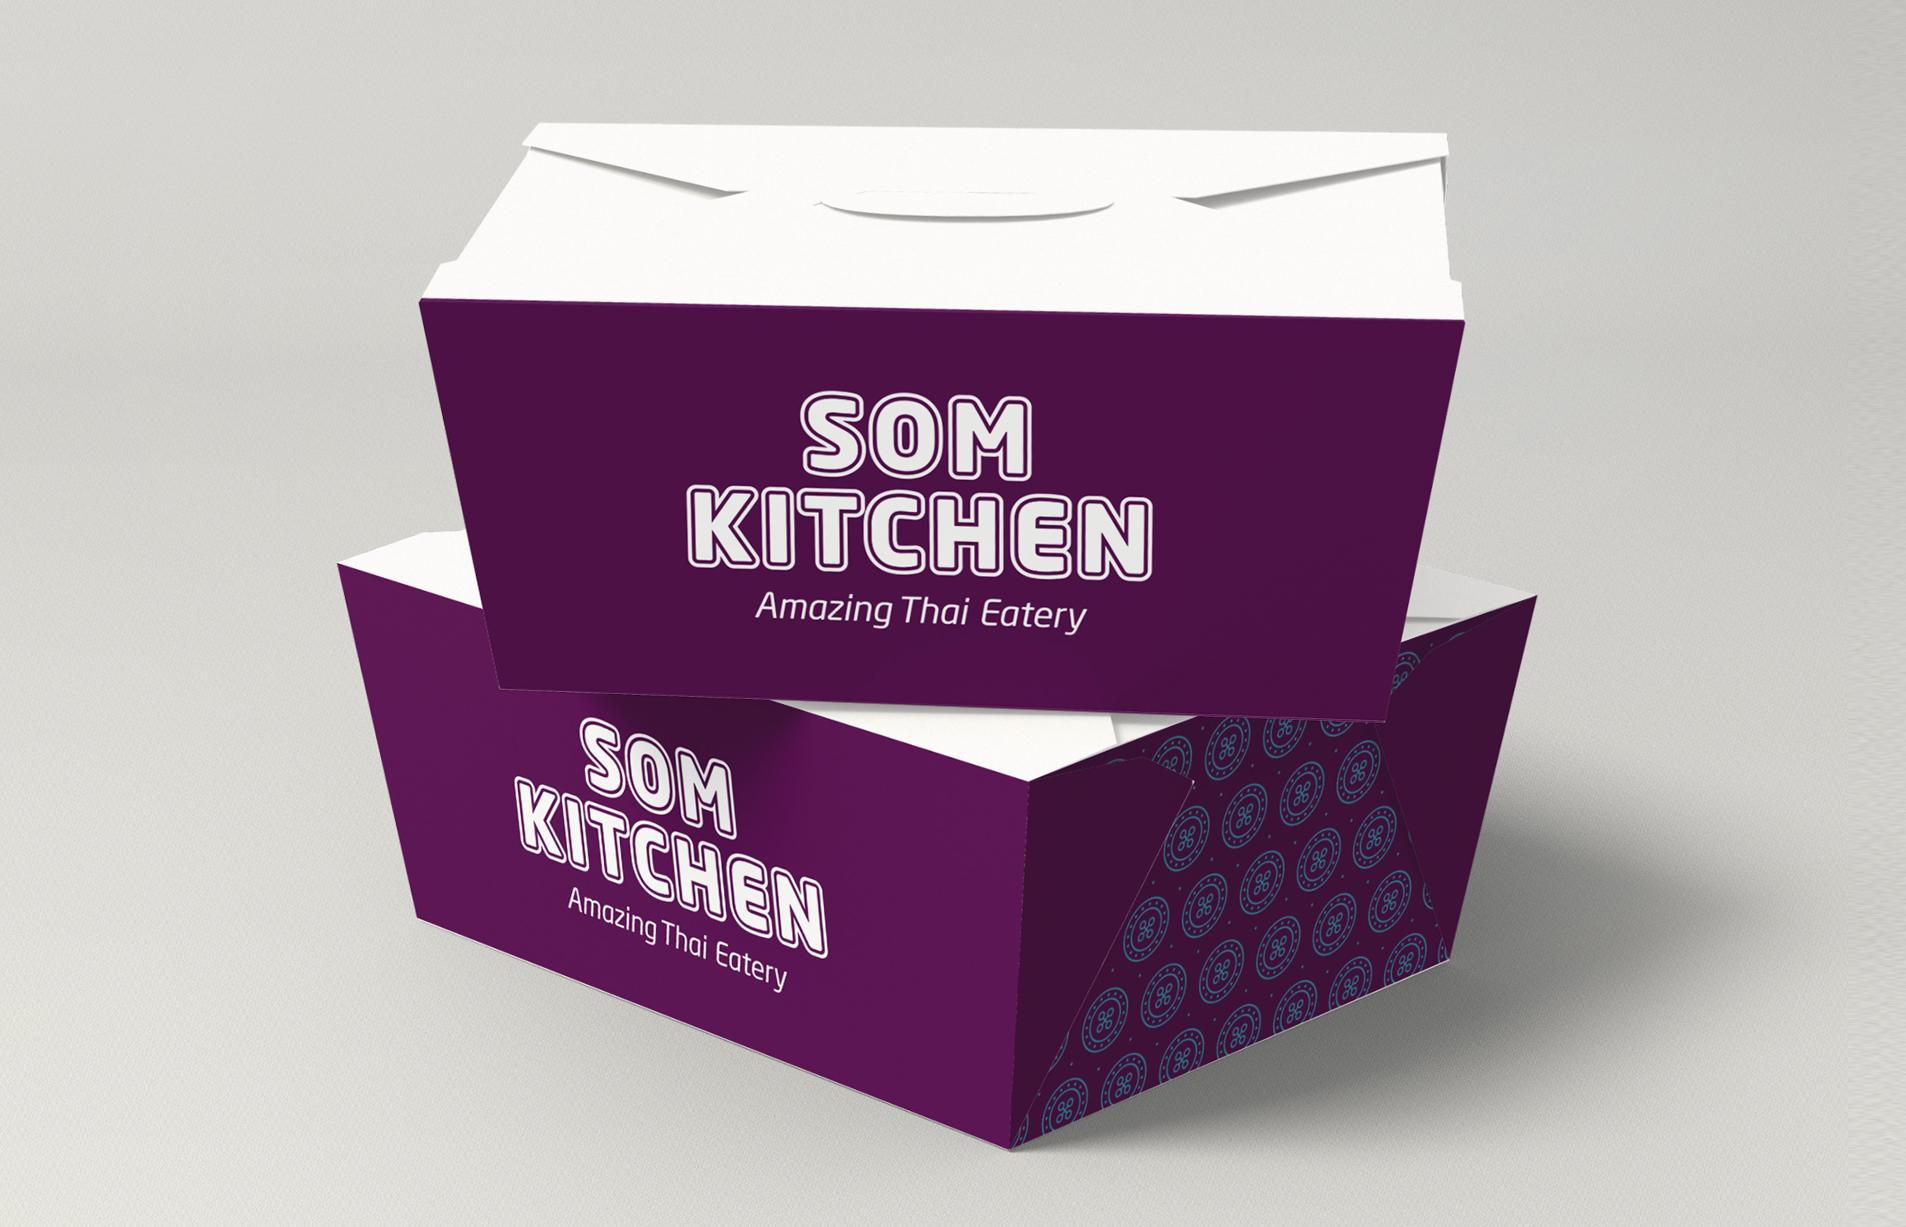 Somkitchen Verpackung